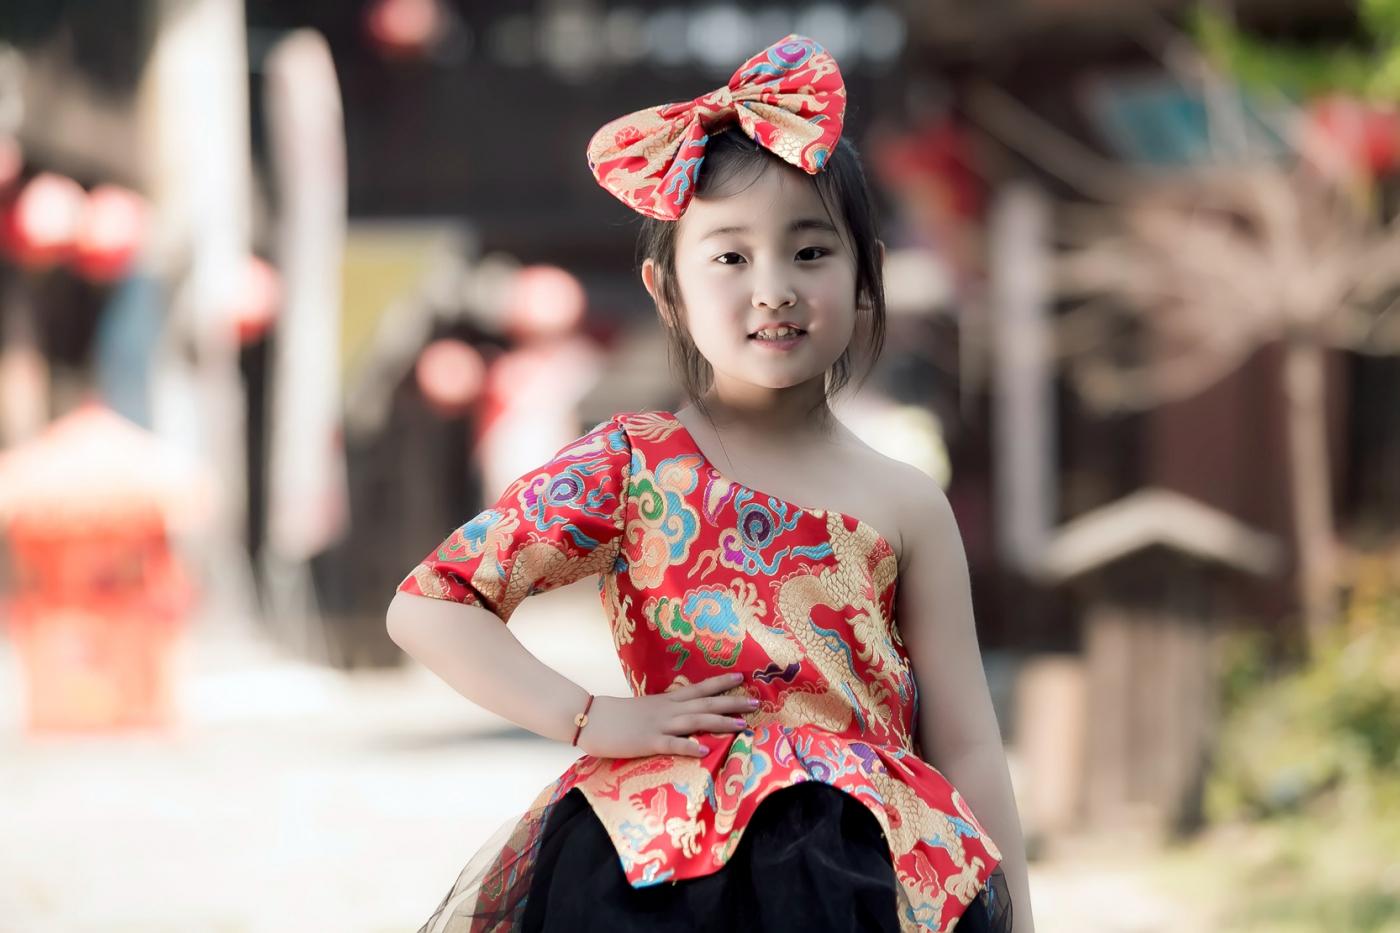 沂蒙娃娃穿上礼服走上show台 有个女孩特别萌 礼仪就要从娃娃抓起 ..._图1-13